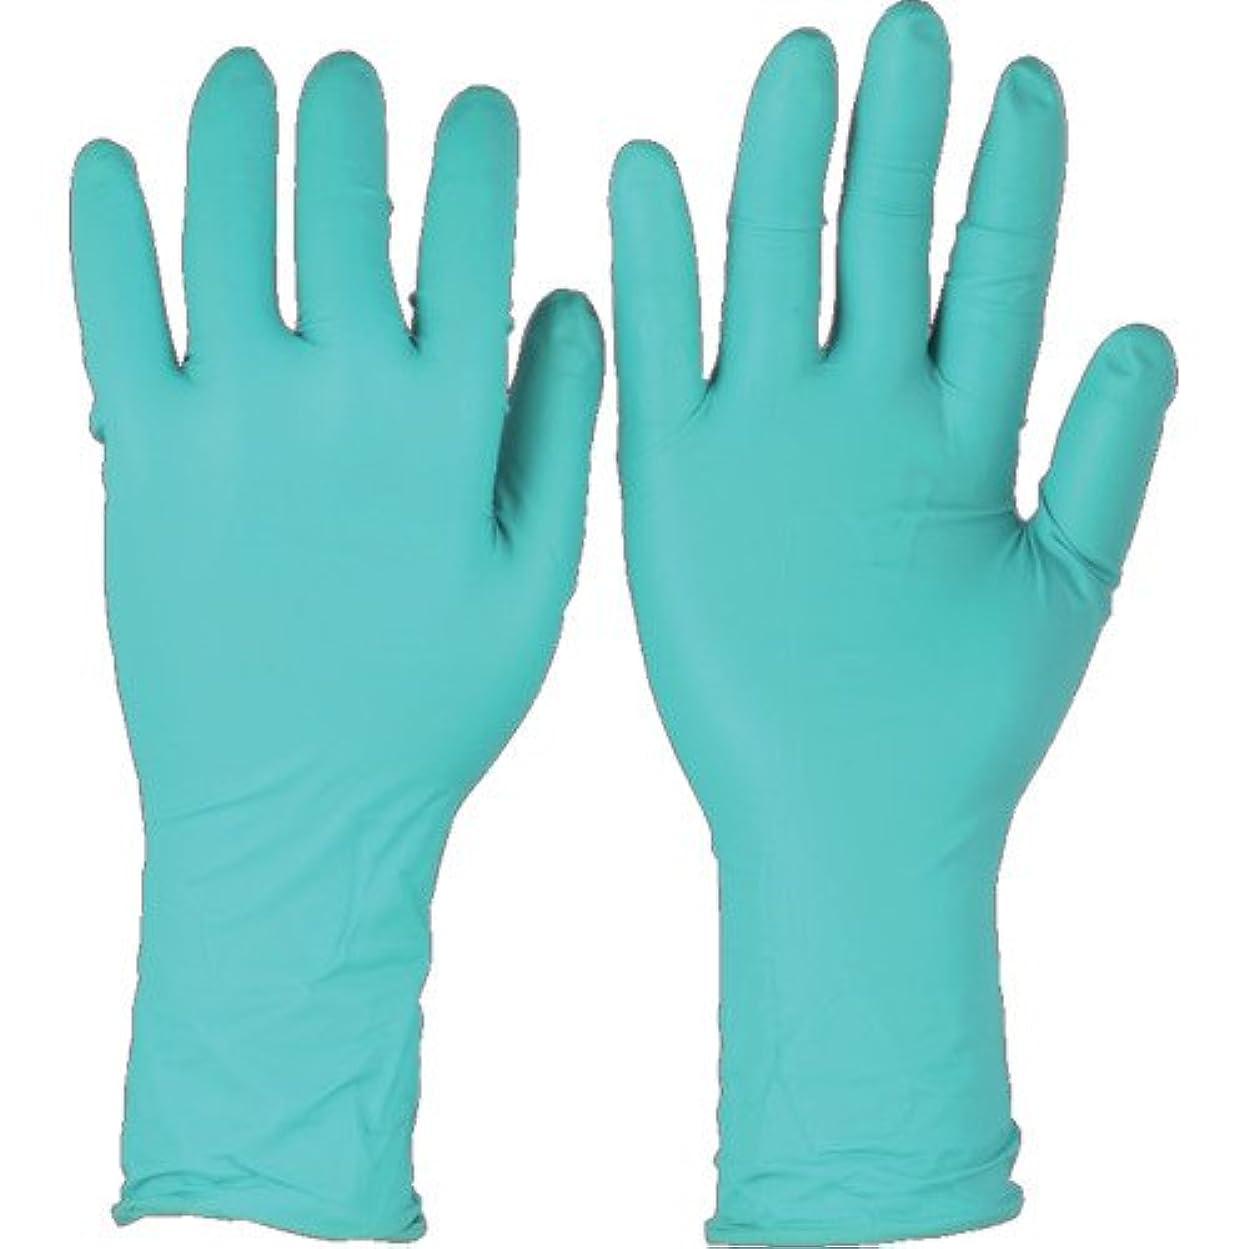 フィヨルドによるとパースブラックボロウトラスコ中山 アンセル ネオプレンゴム使い捨て手袋 マイクロフレックス 93-260 XLサイズ (50枚入)  9326010